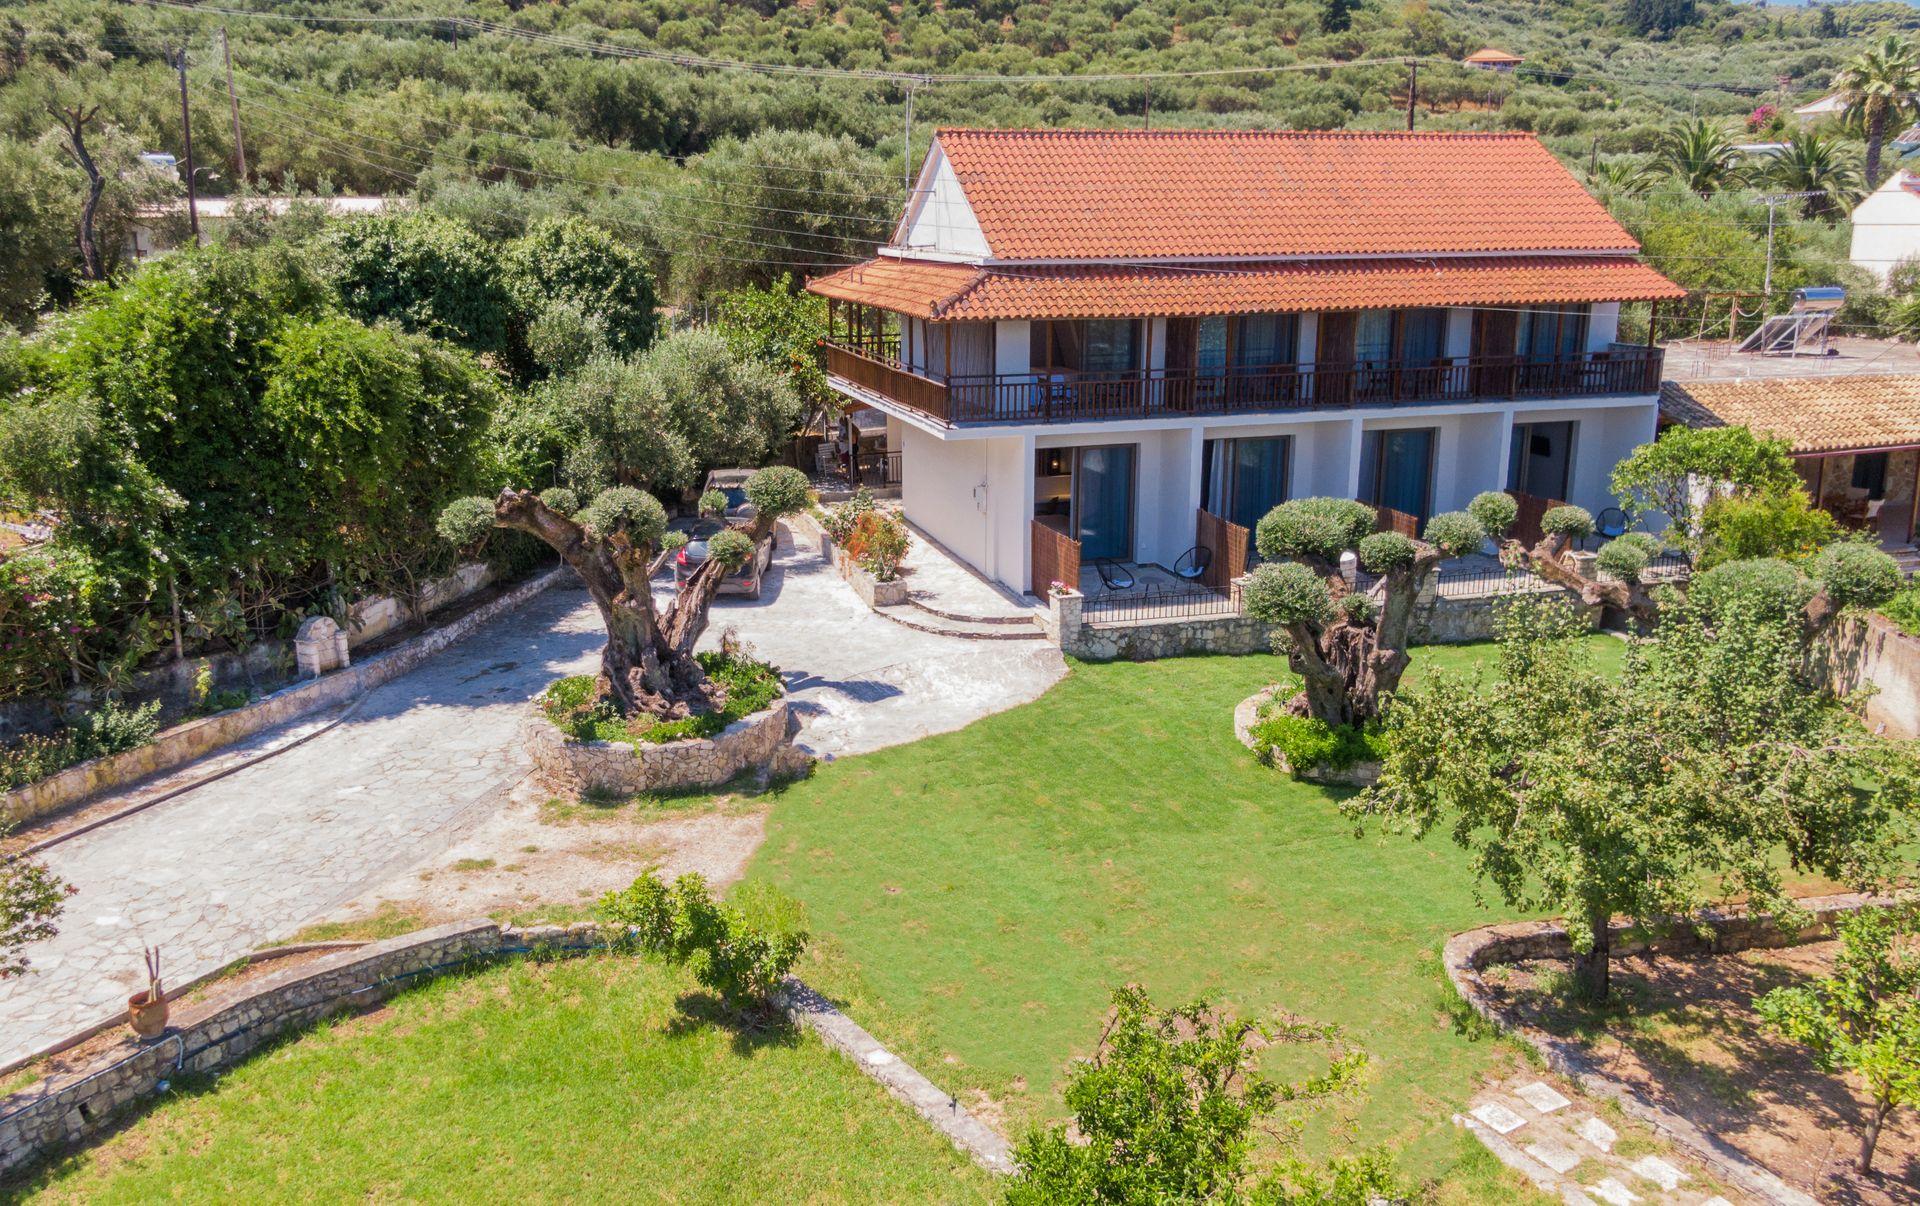 Eptanisos Beachfront Suites Zante - Zάκυνθος εικόνα